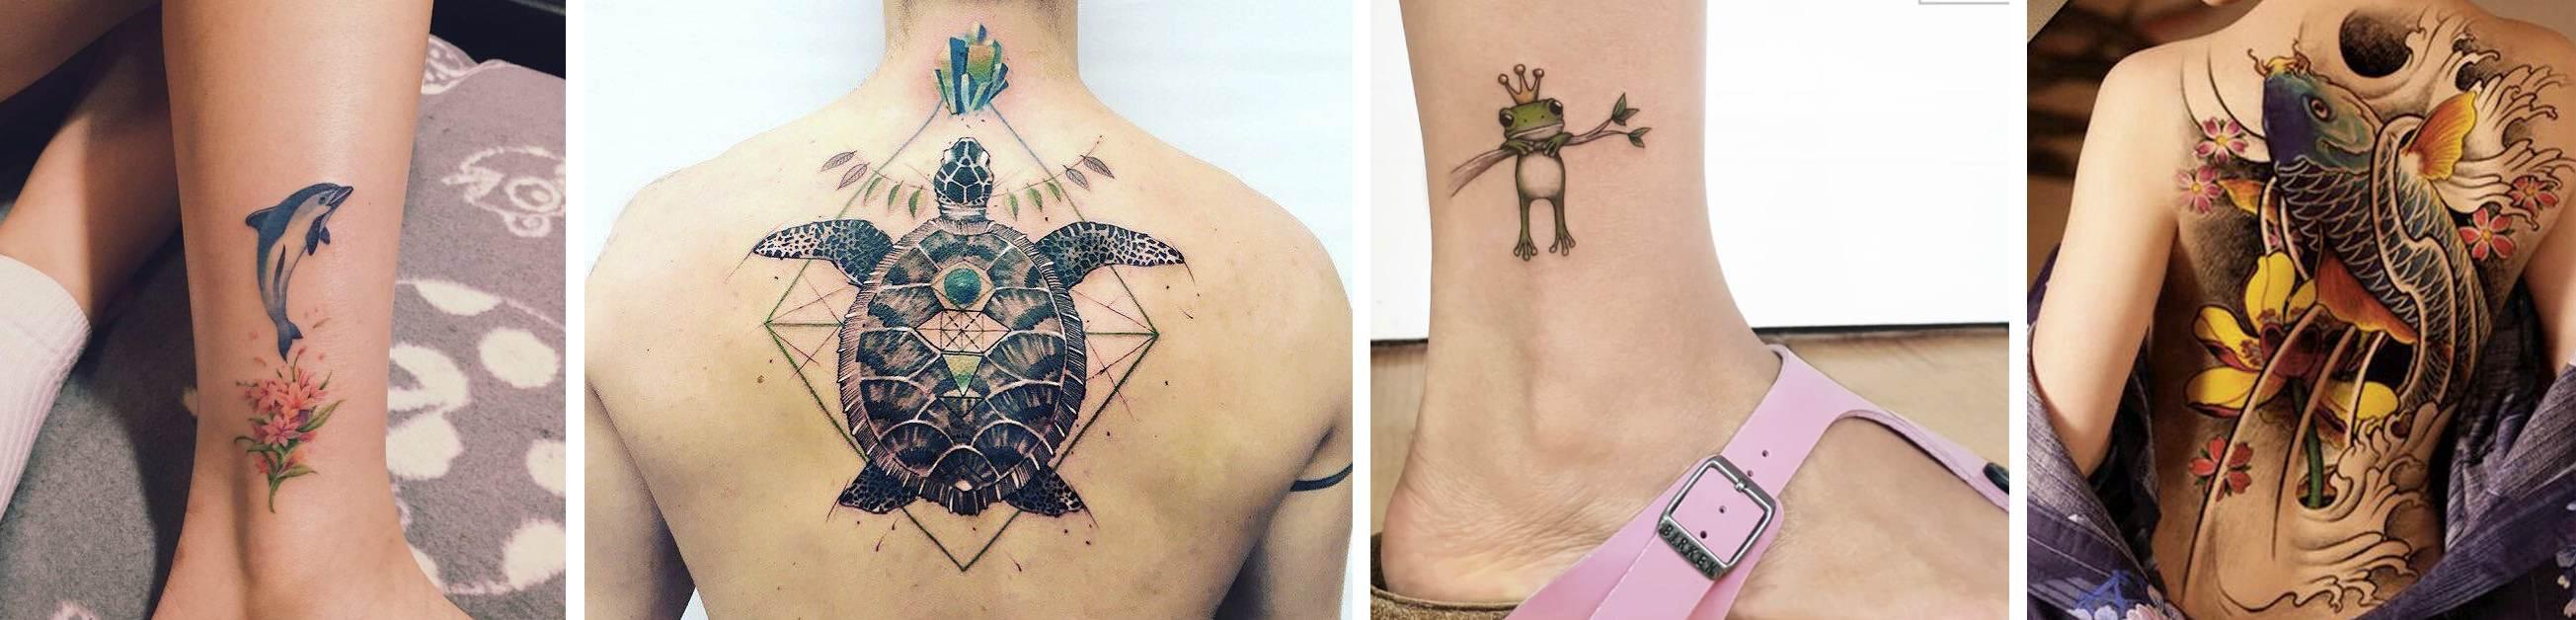 Tatuaggio Tattoo Animali acqua